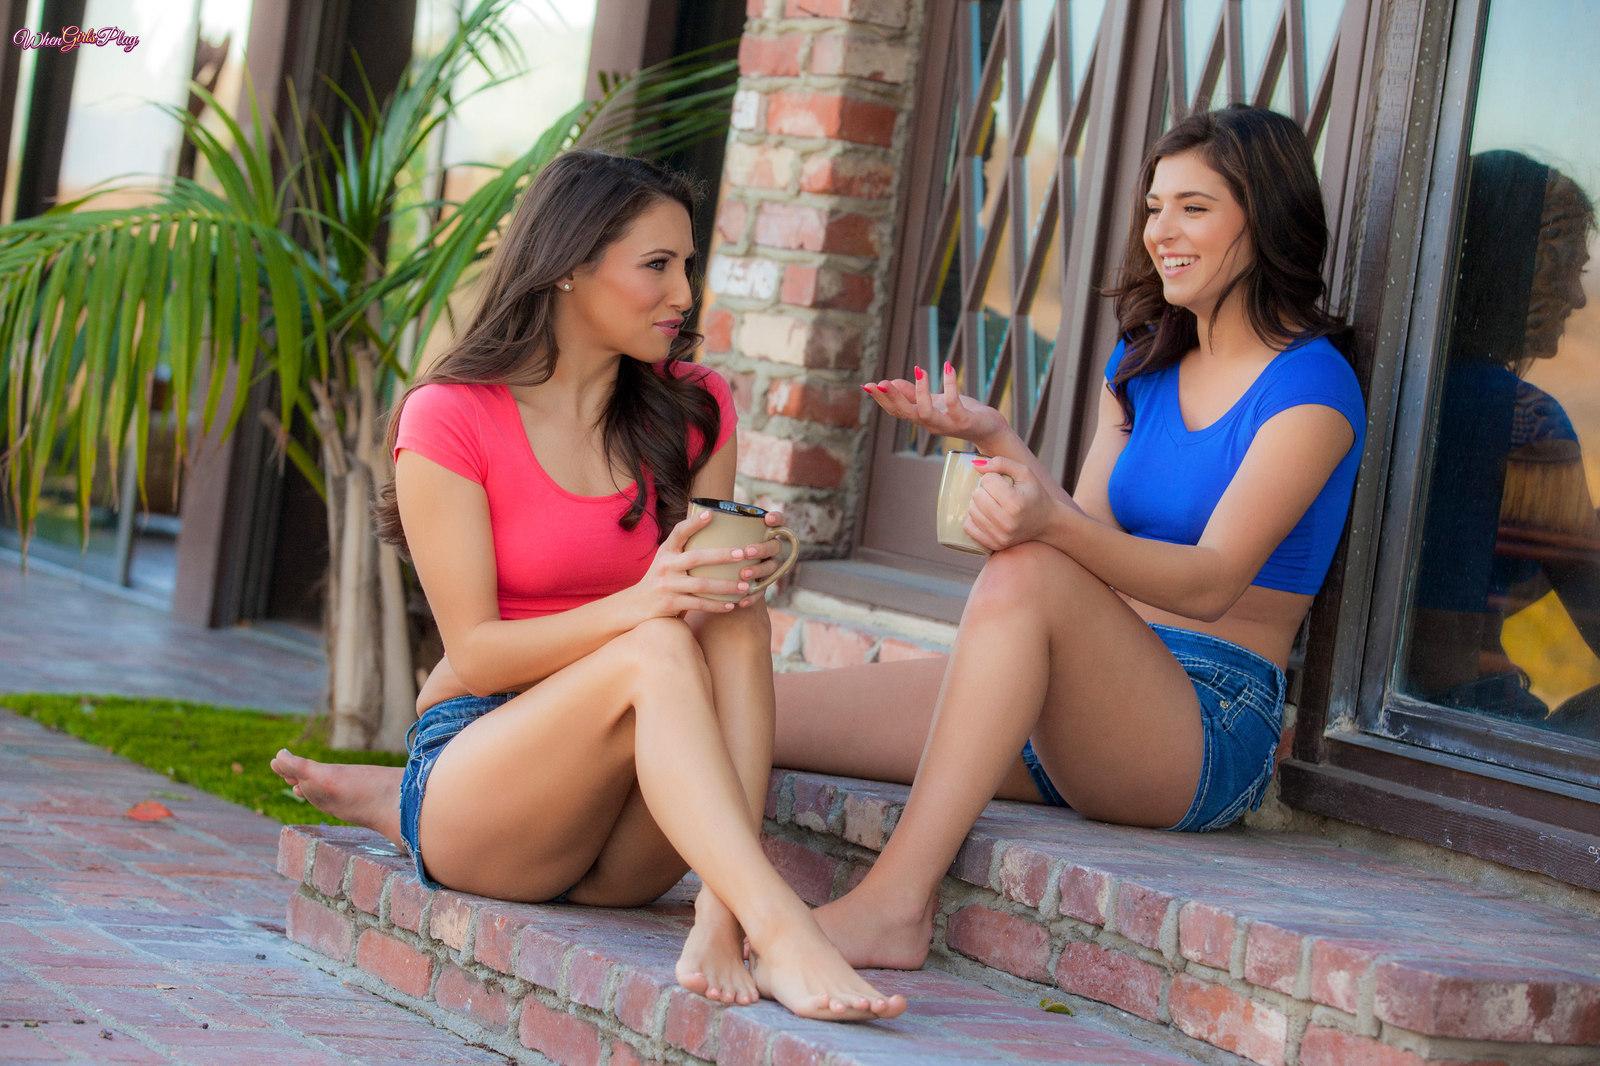 Innocent Look.. featuring Celeste Star, Leah Gotti | Twistys.com